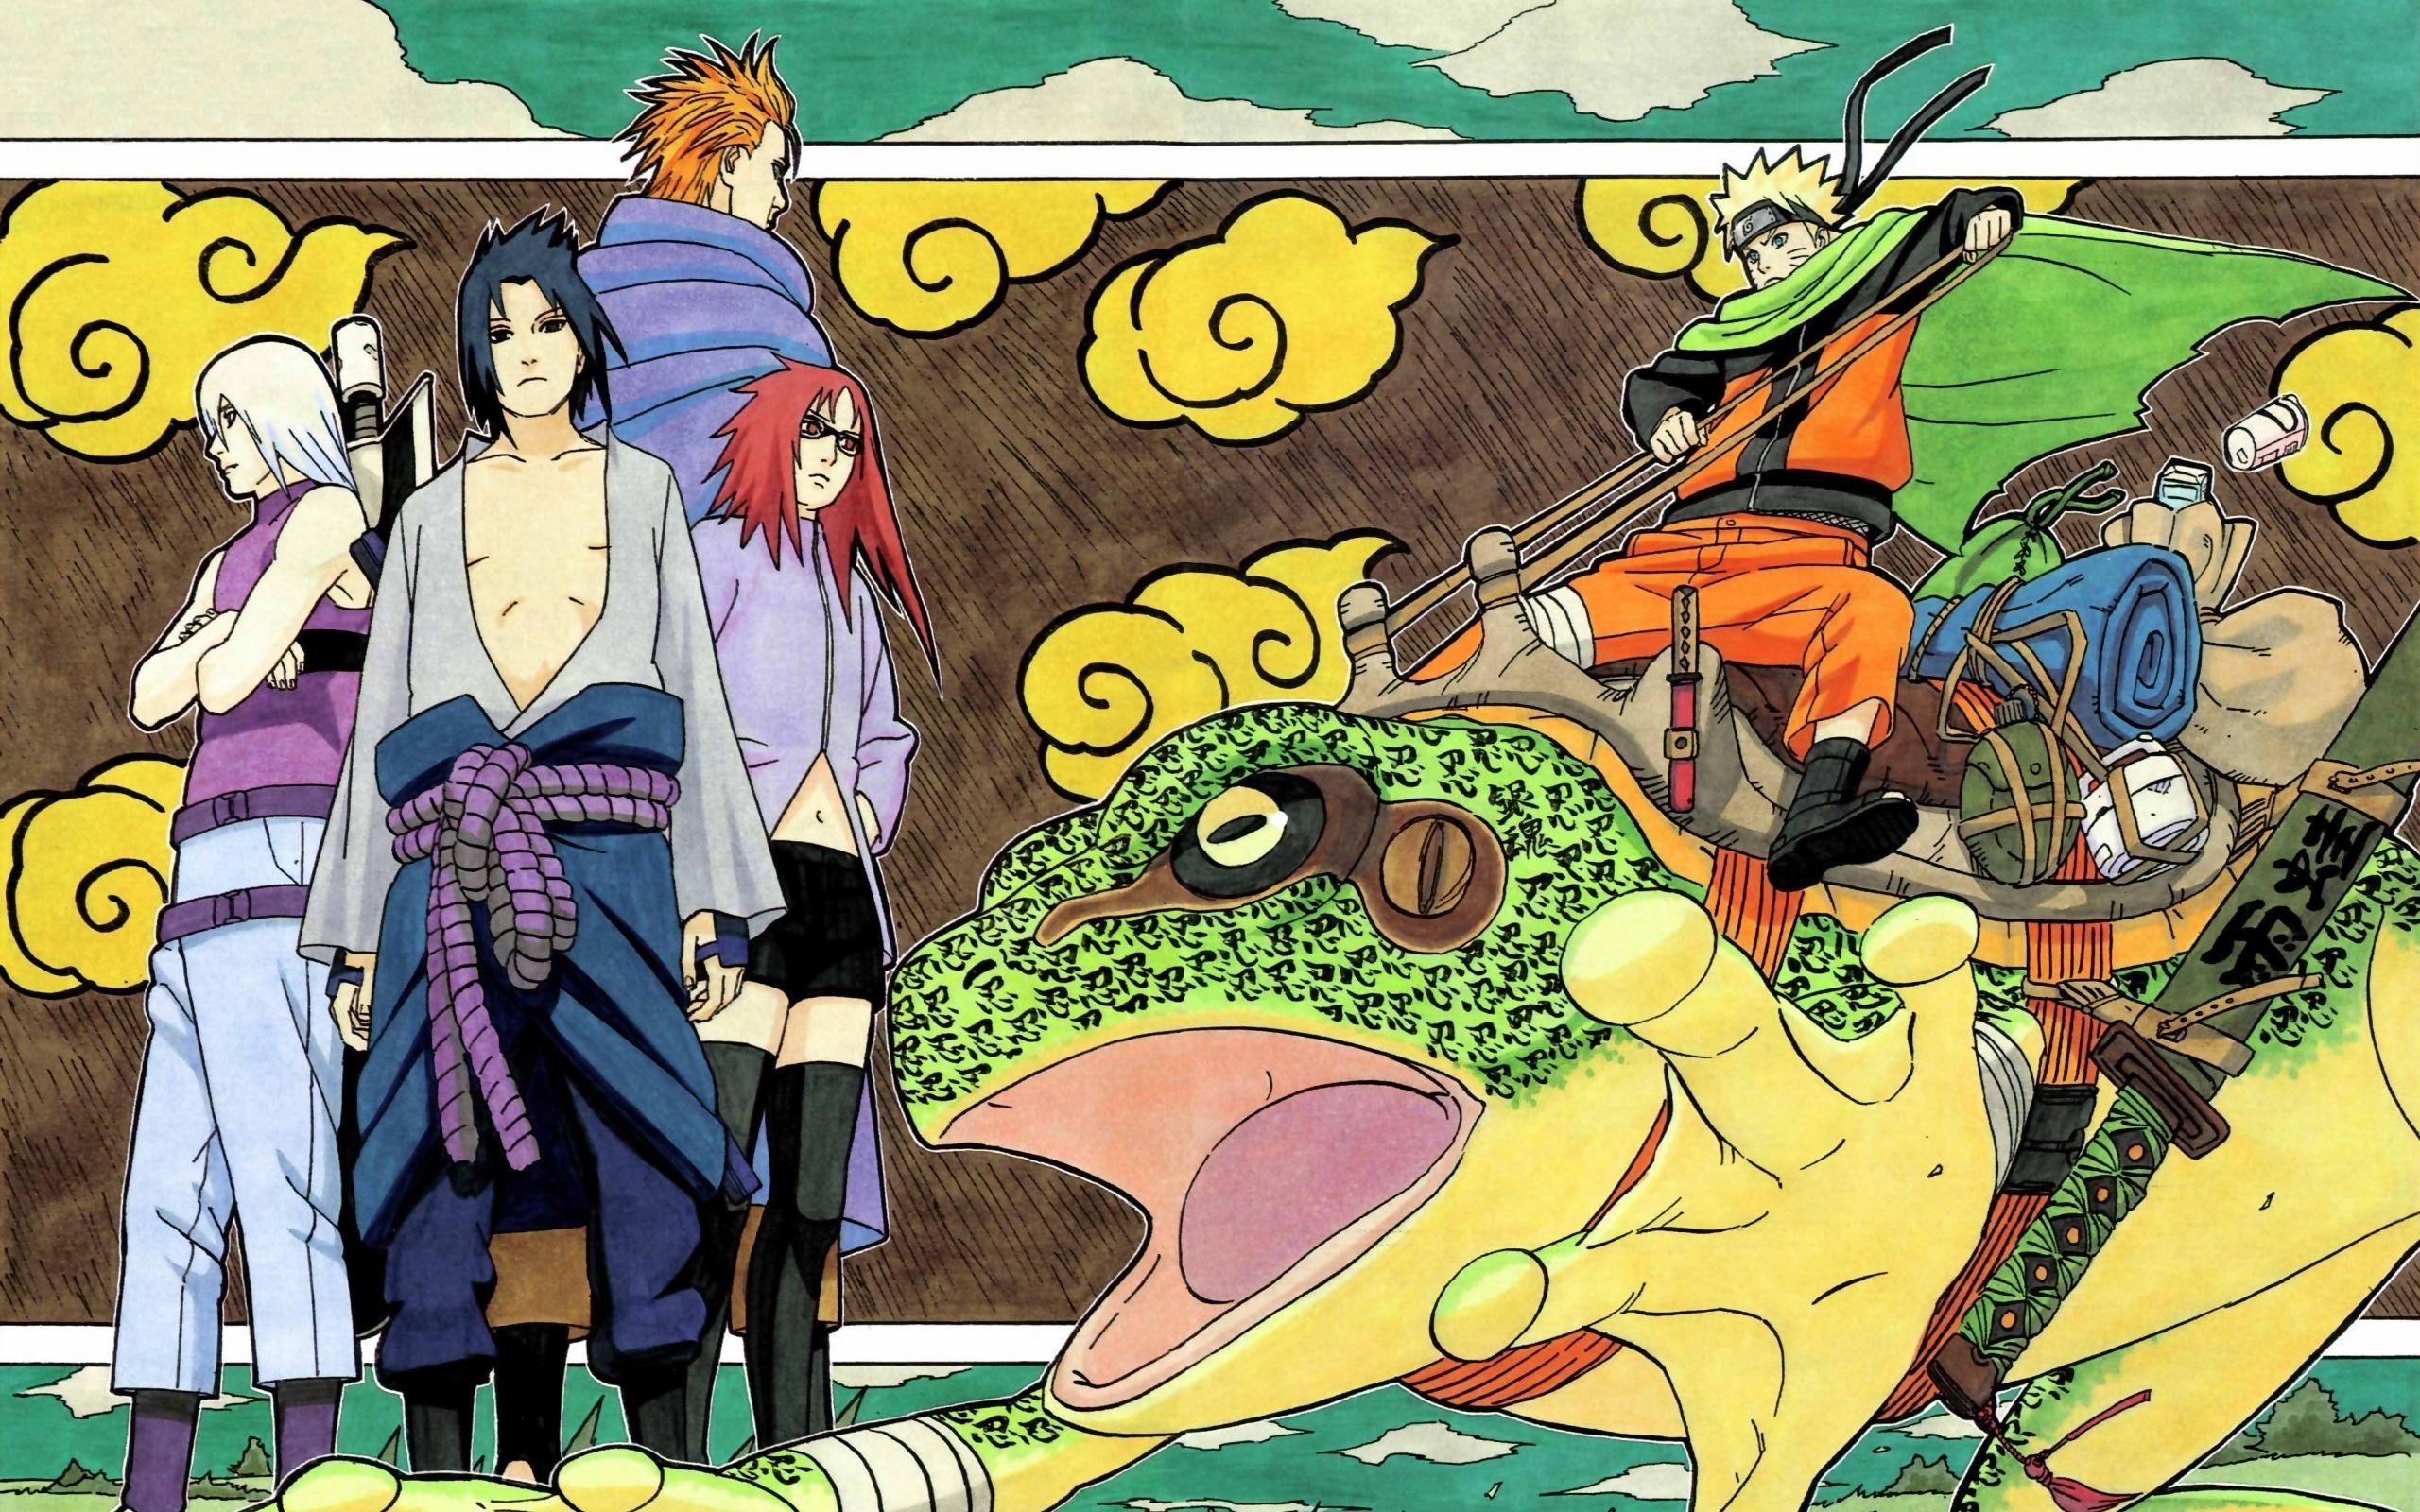 ナルト 壁紙 Naruto Wallpaper 少年漫画 アニメ マンガ